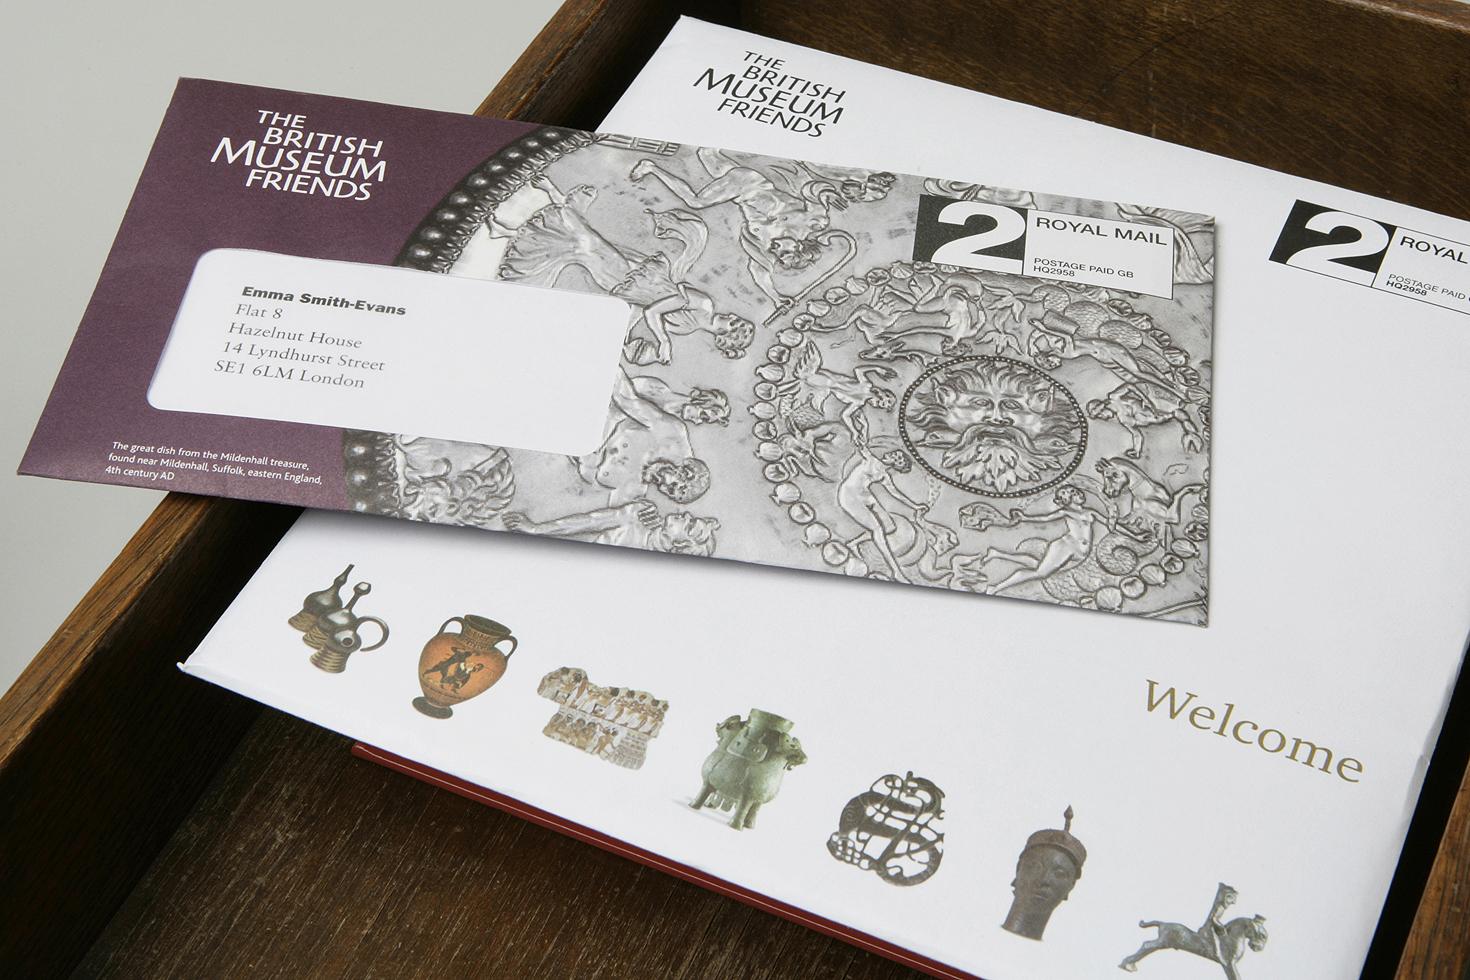 British Museum membership material